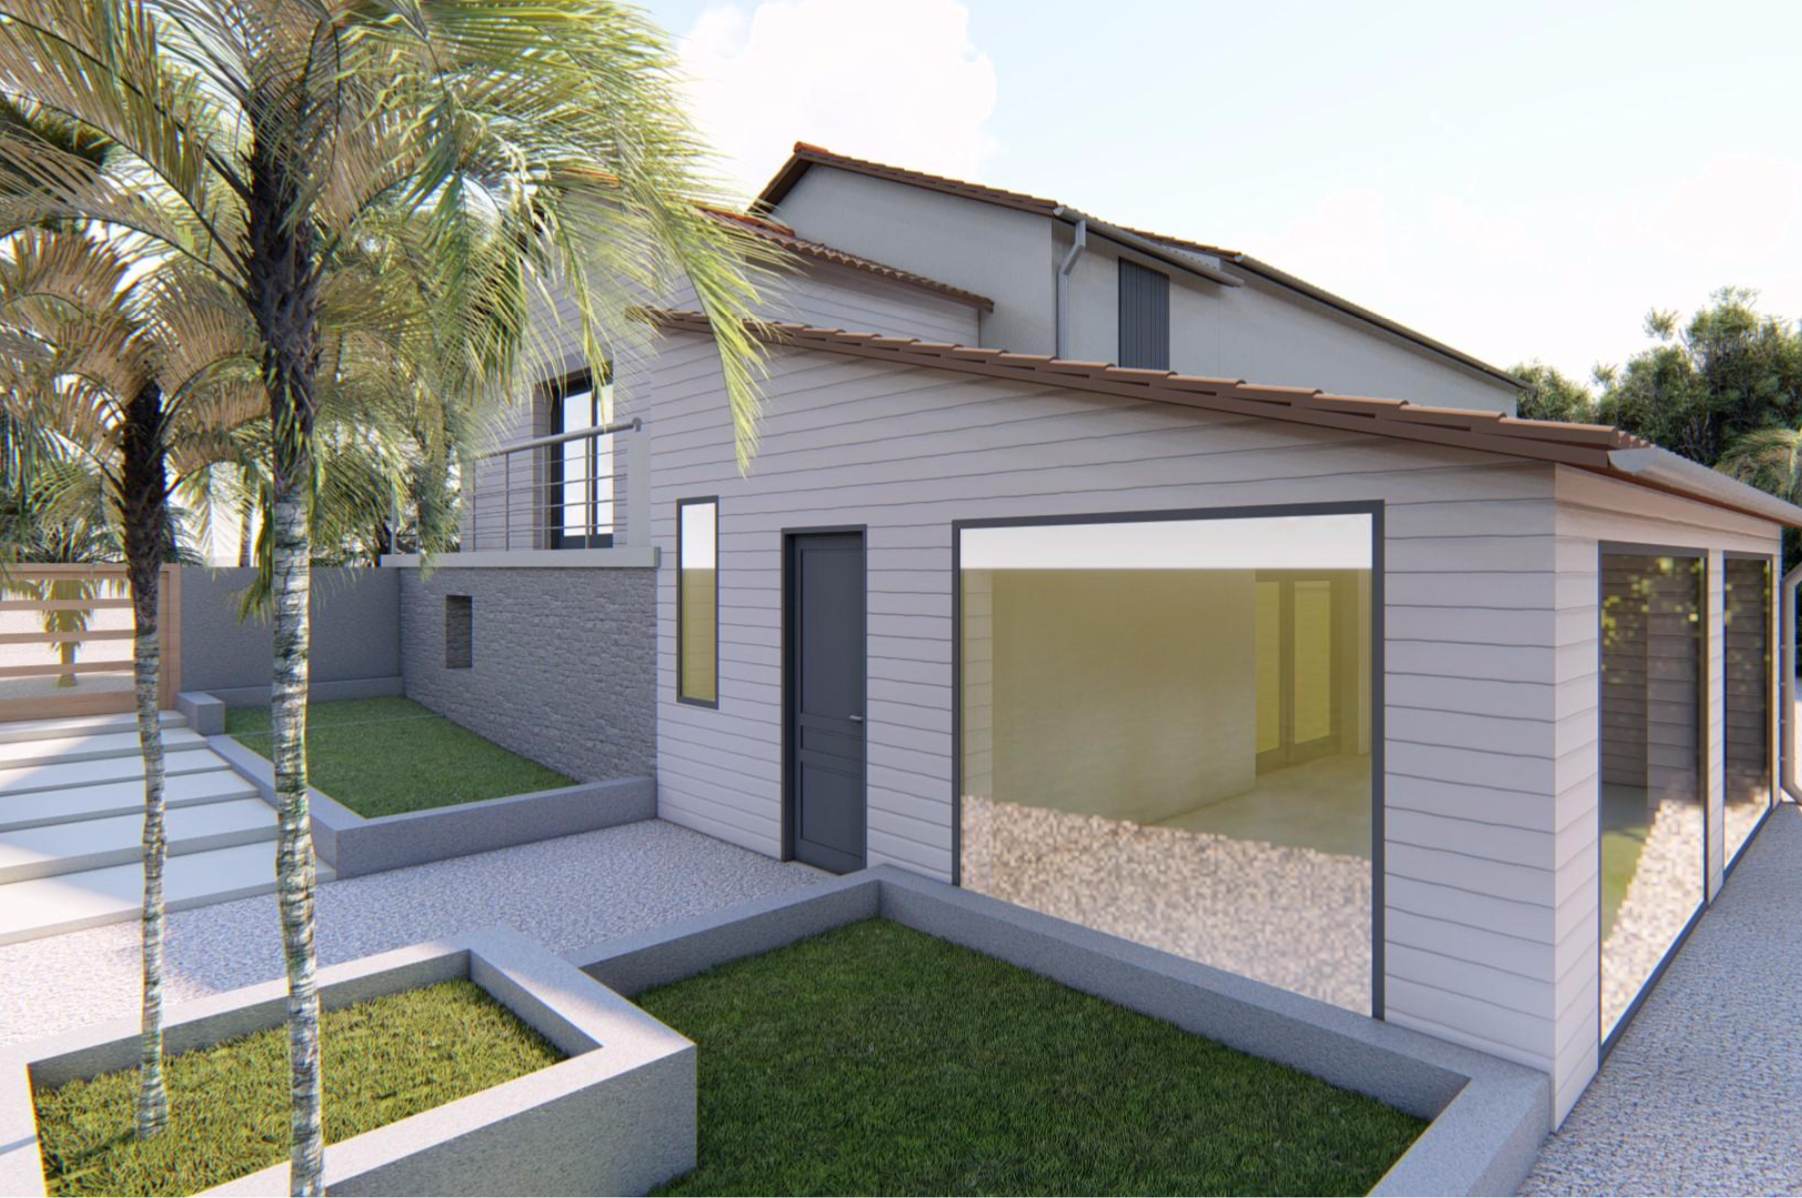 extension de maison en zinc permettez-moi-de-construire